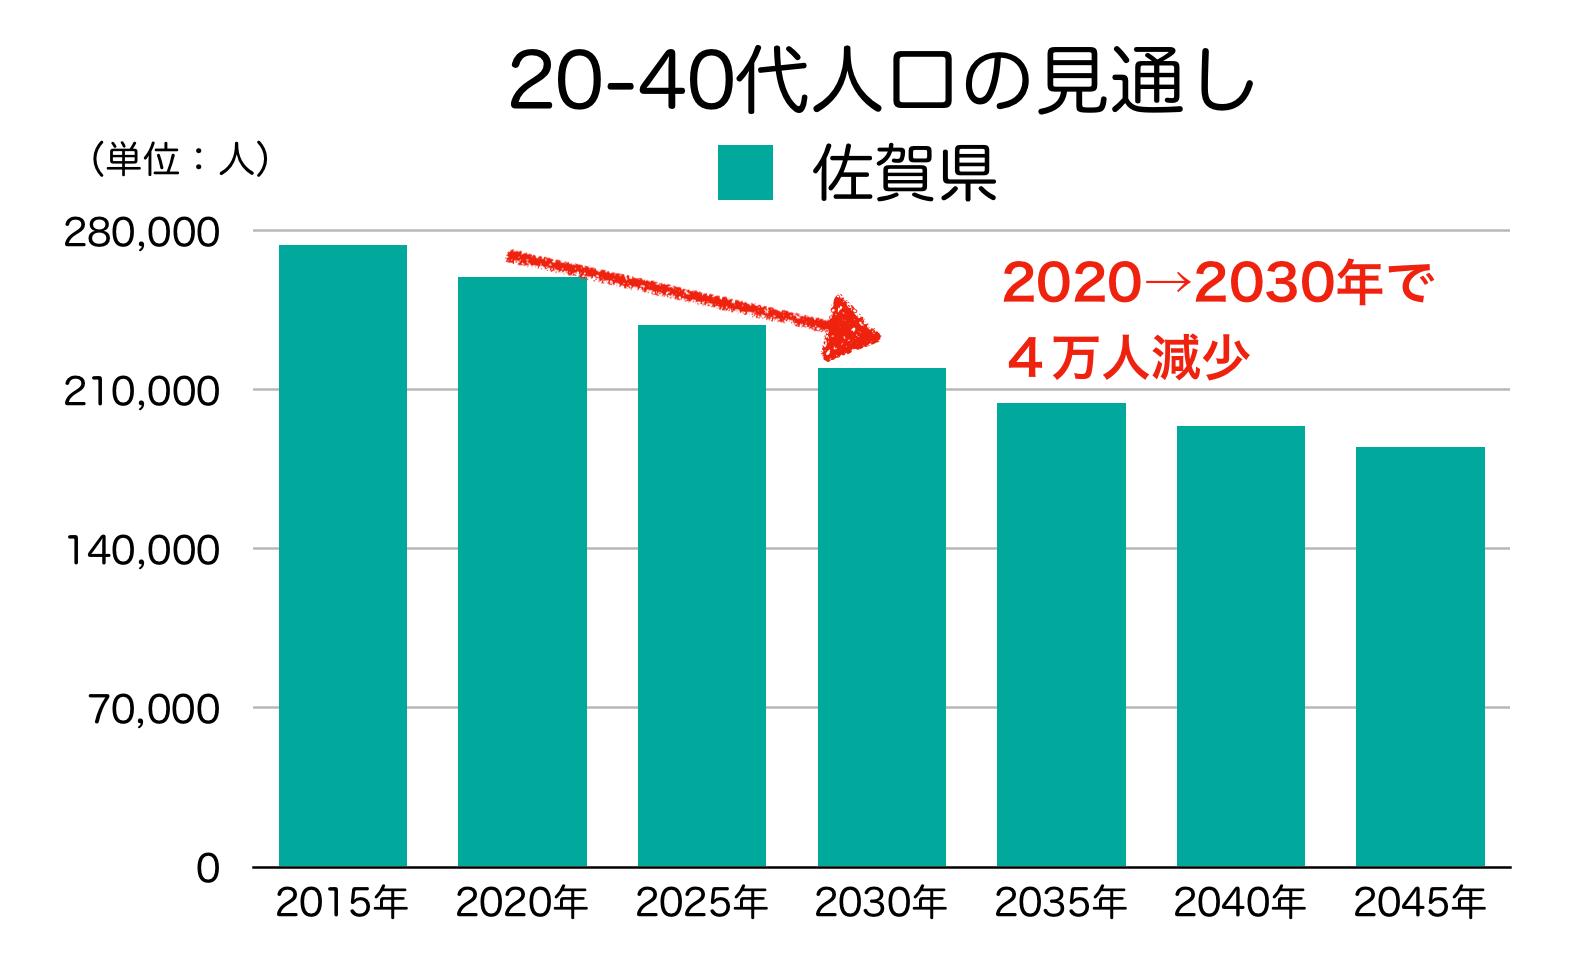 佐賀県の20-40代人口の見通し